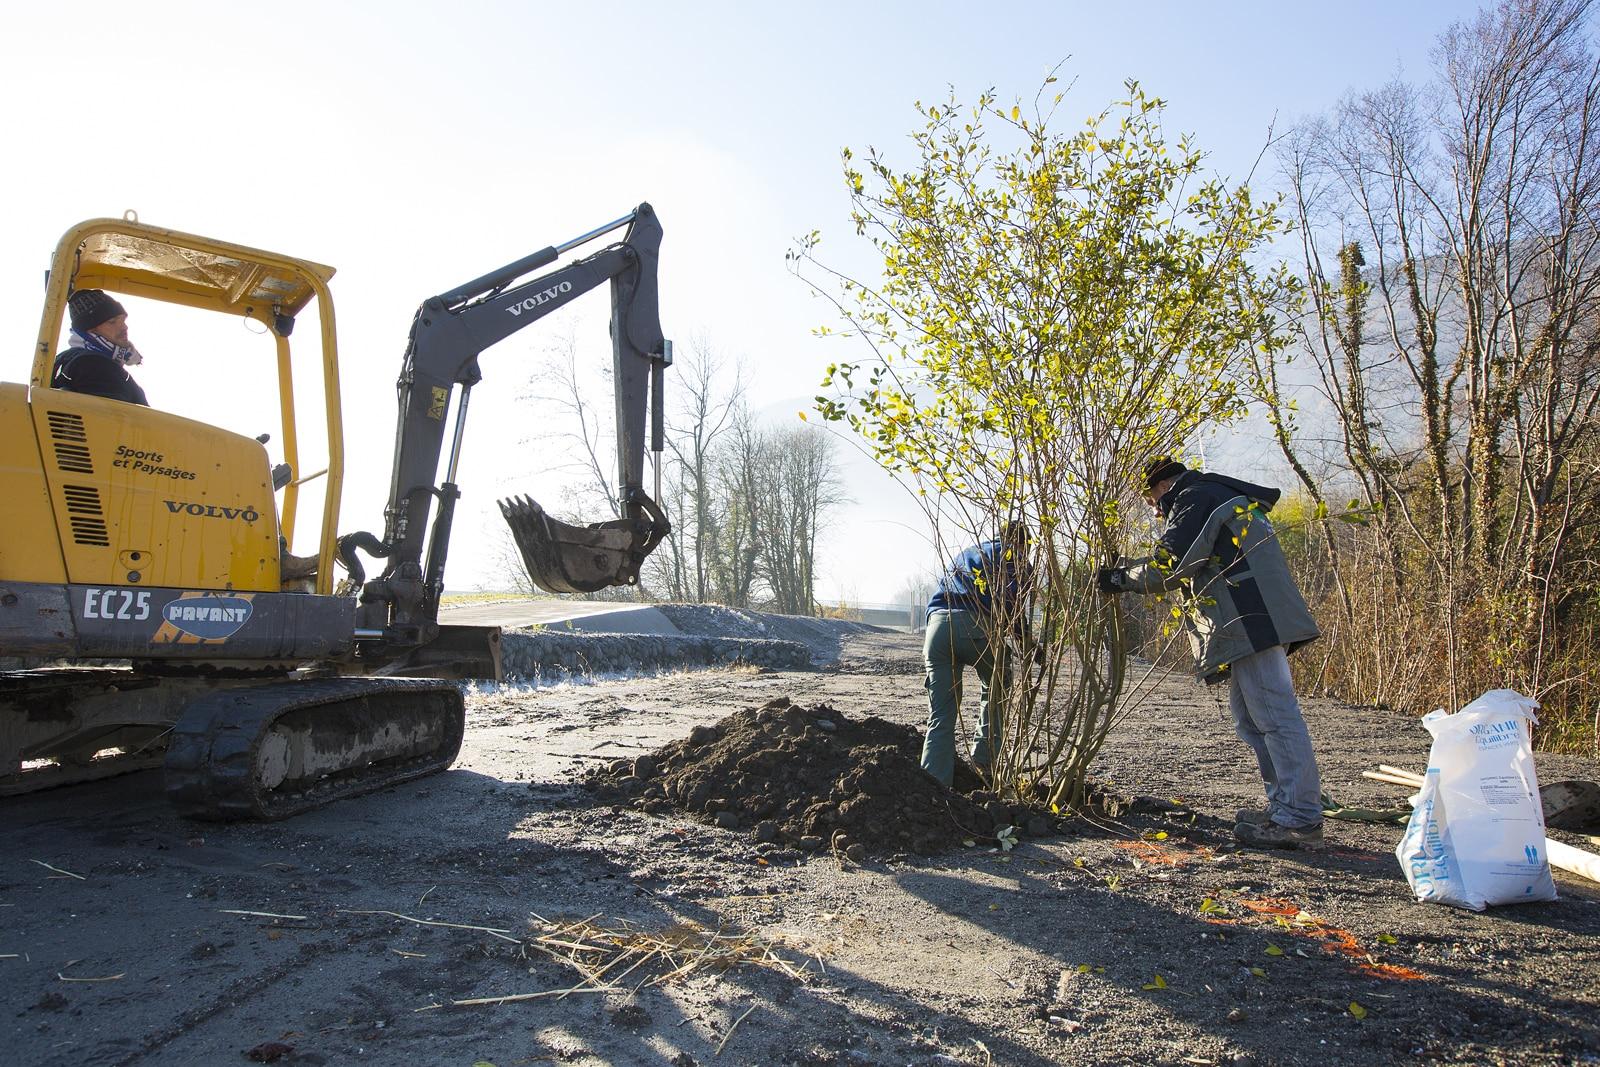 homme dans une pelle mécanique et autres hommes en train de planter des arbres